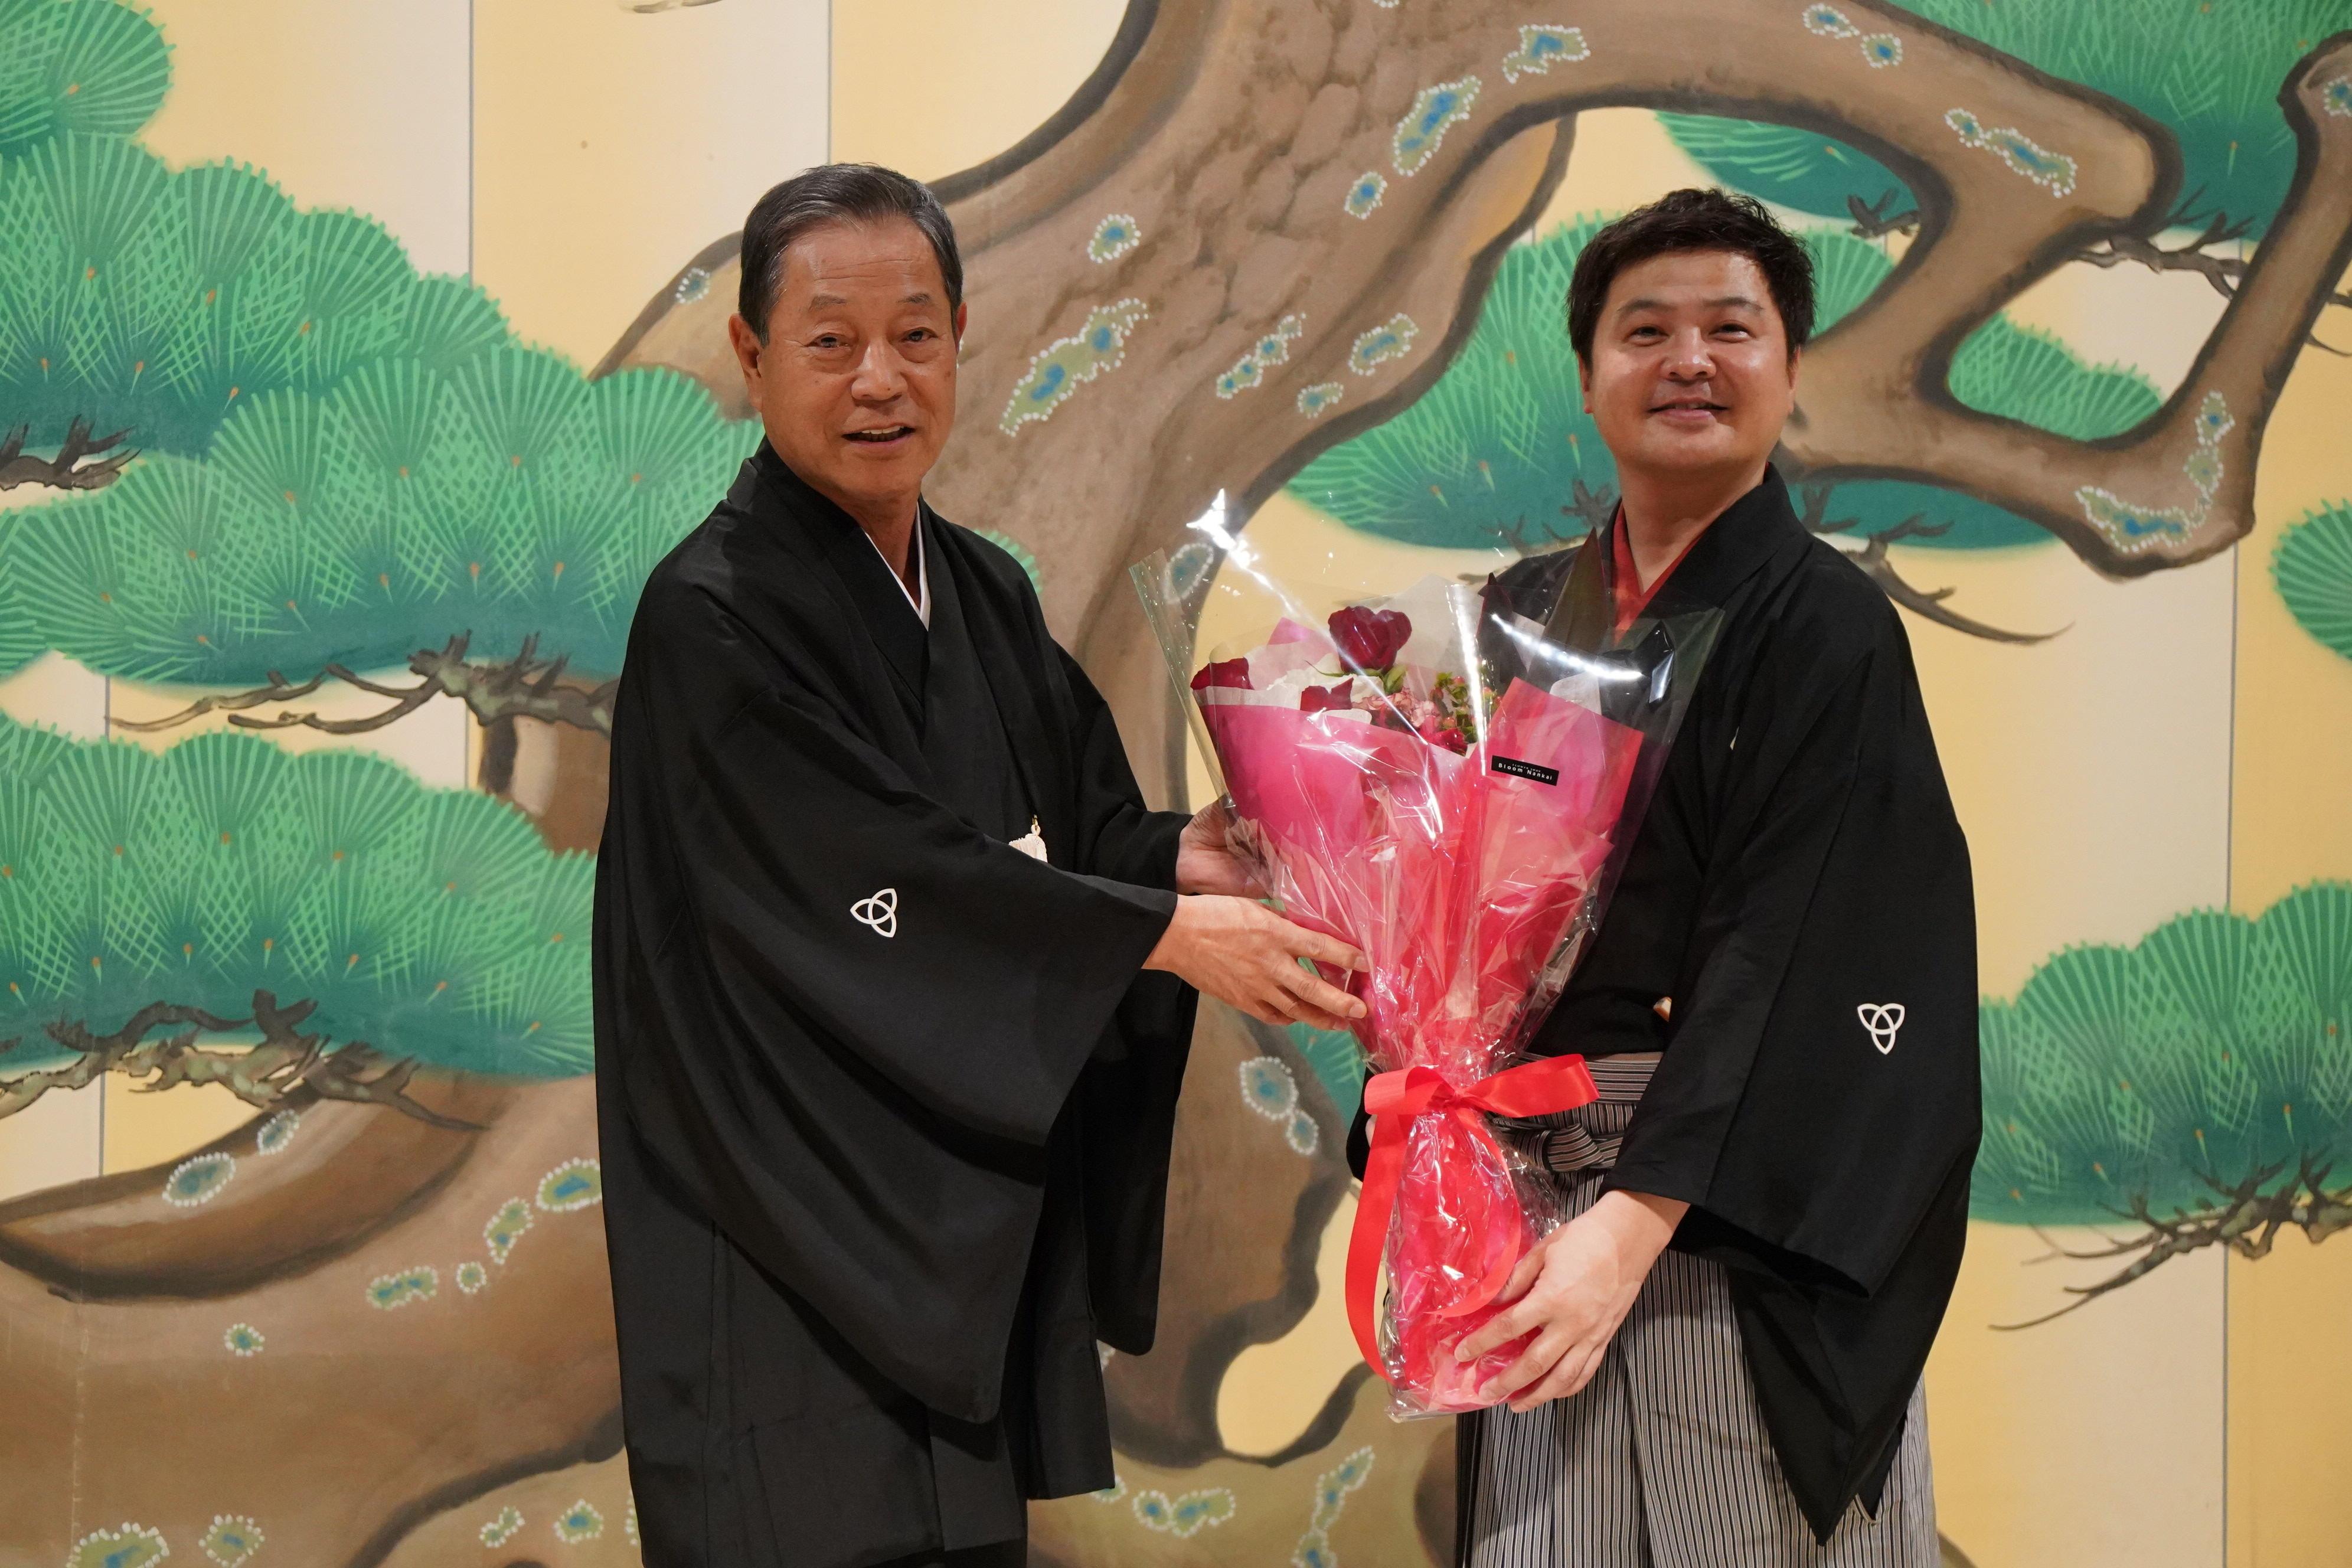 http://news.yoshimoto.co.jp/20180512205659-cd1cd4fb1e11474951263a58dd7dac6f145ab82f.jpg